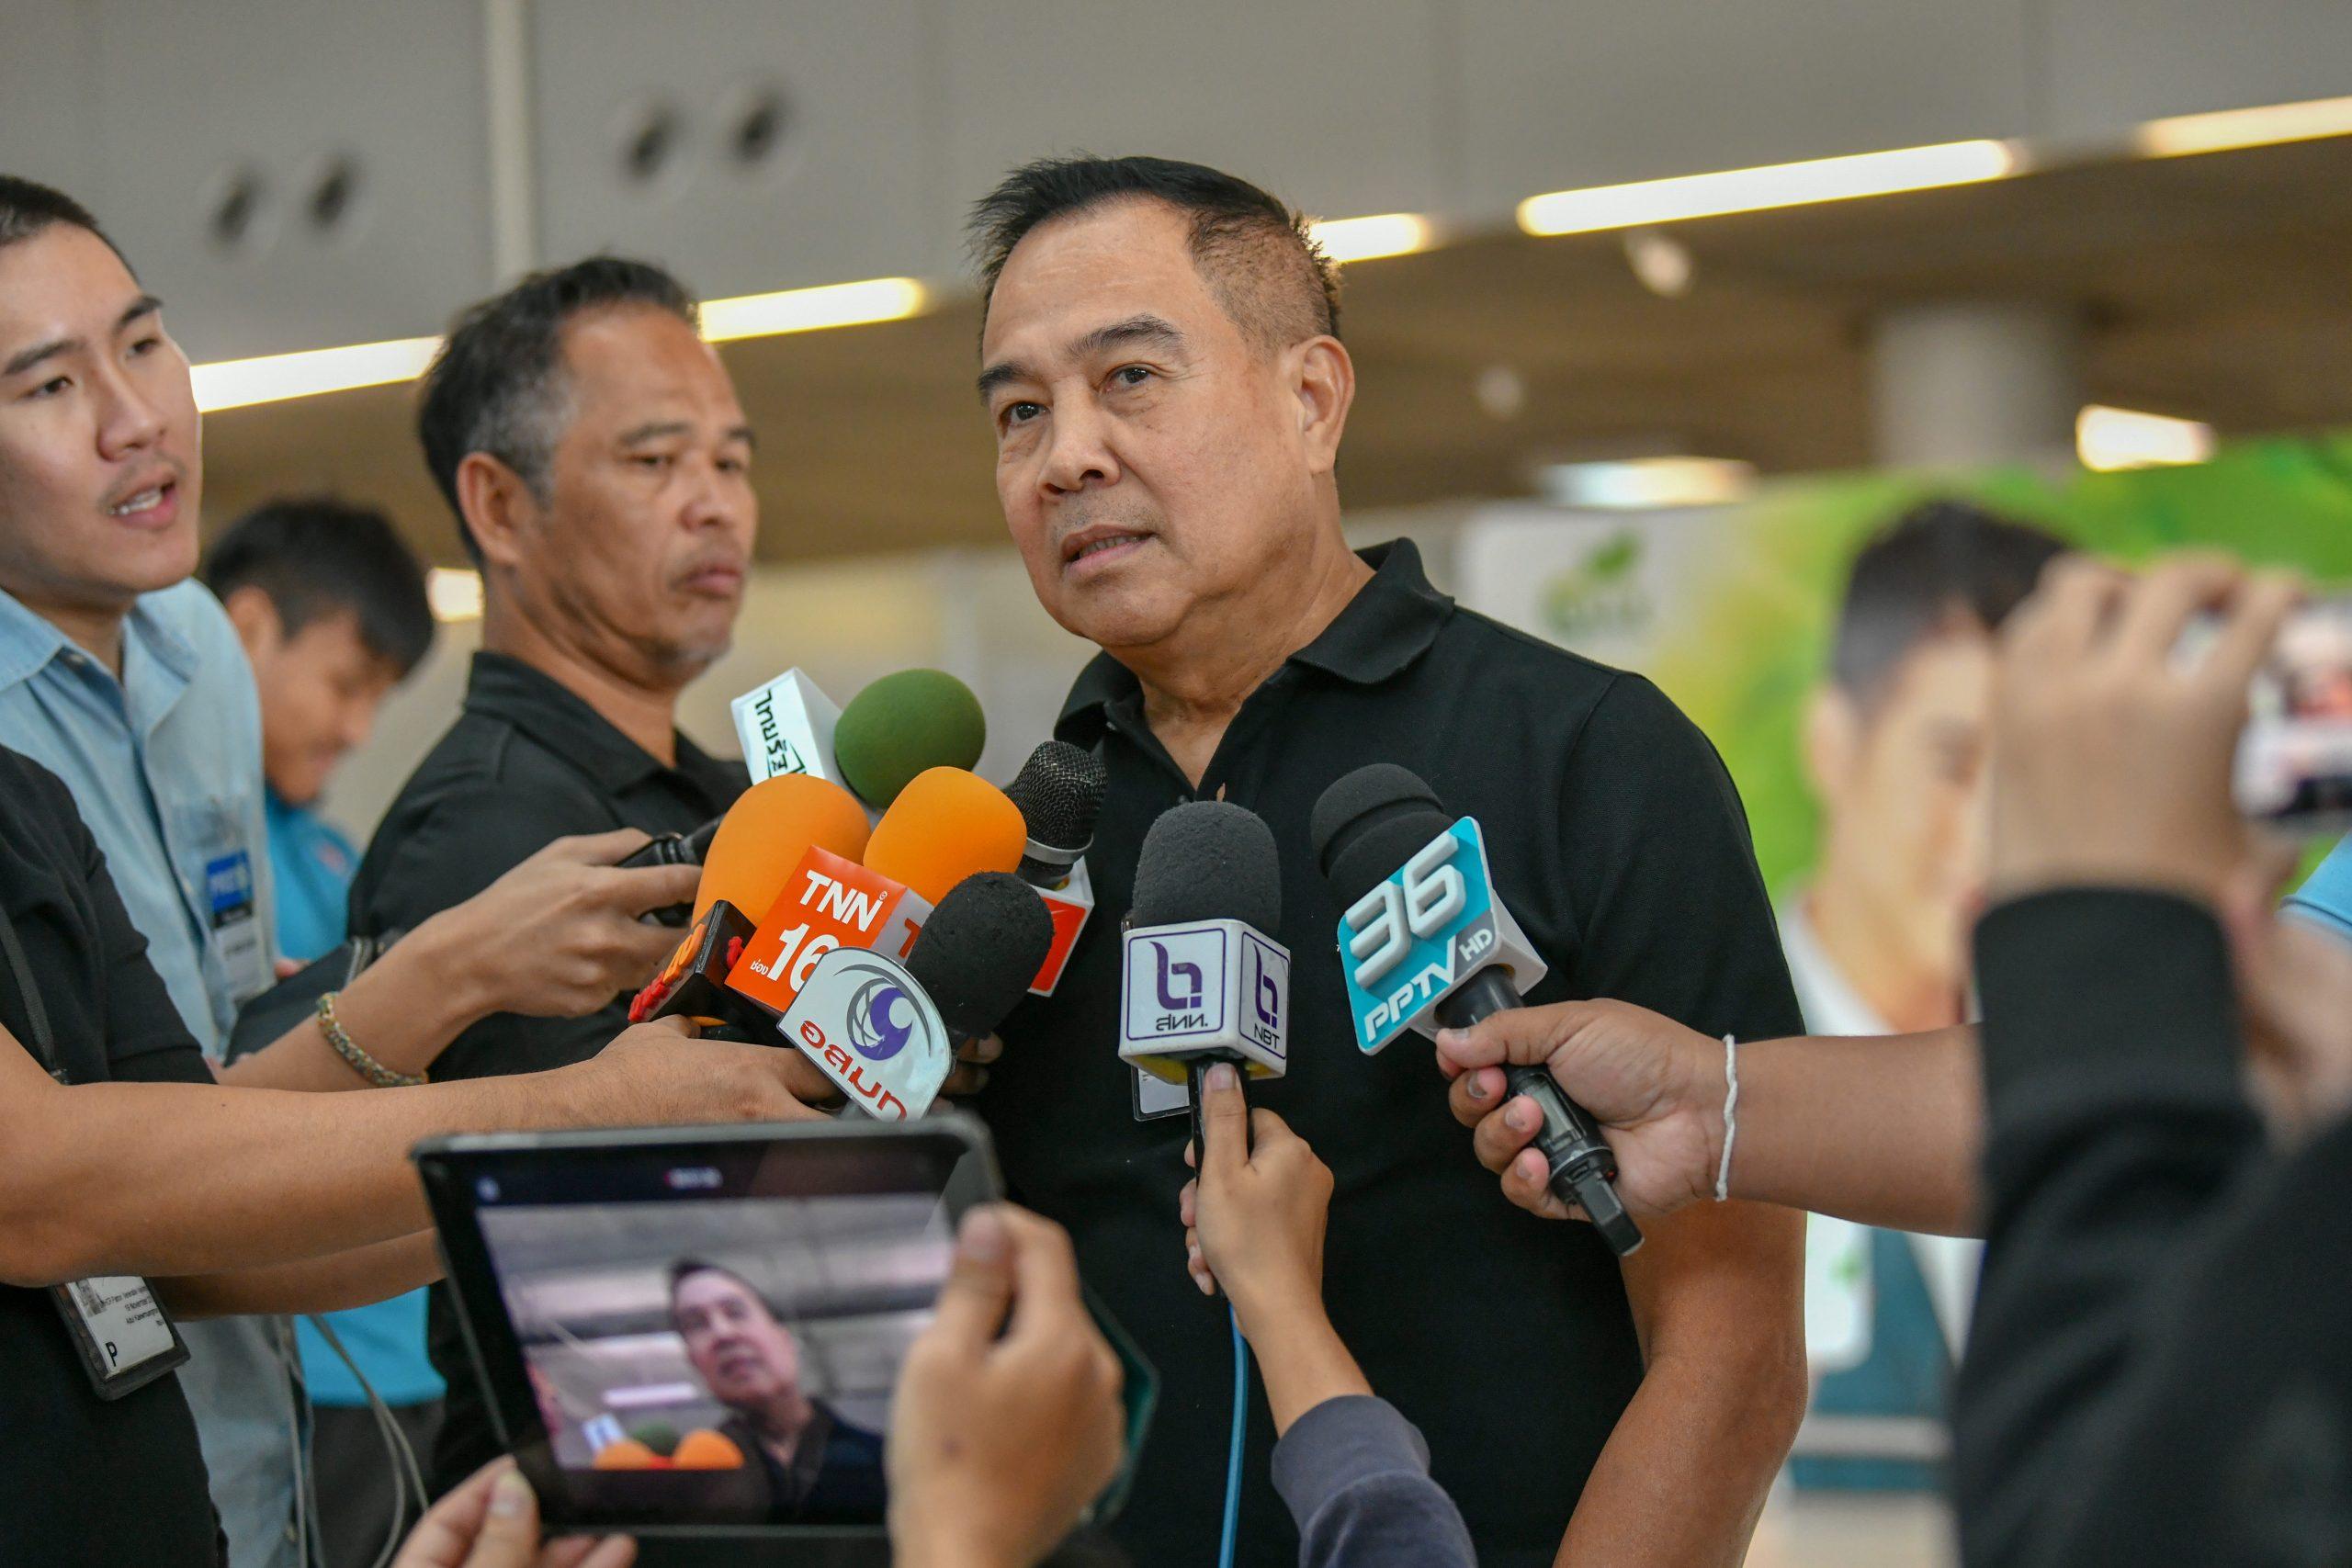 ทีมชาติไทย U22 สมยศ พุ่มพันธุ์ม่วง อเล็กซานเดร กามา